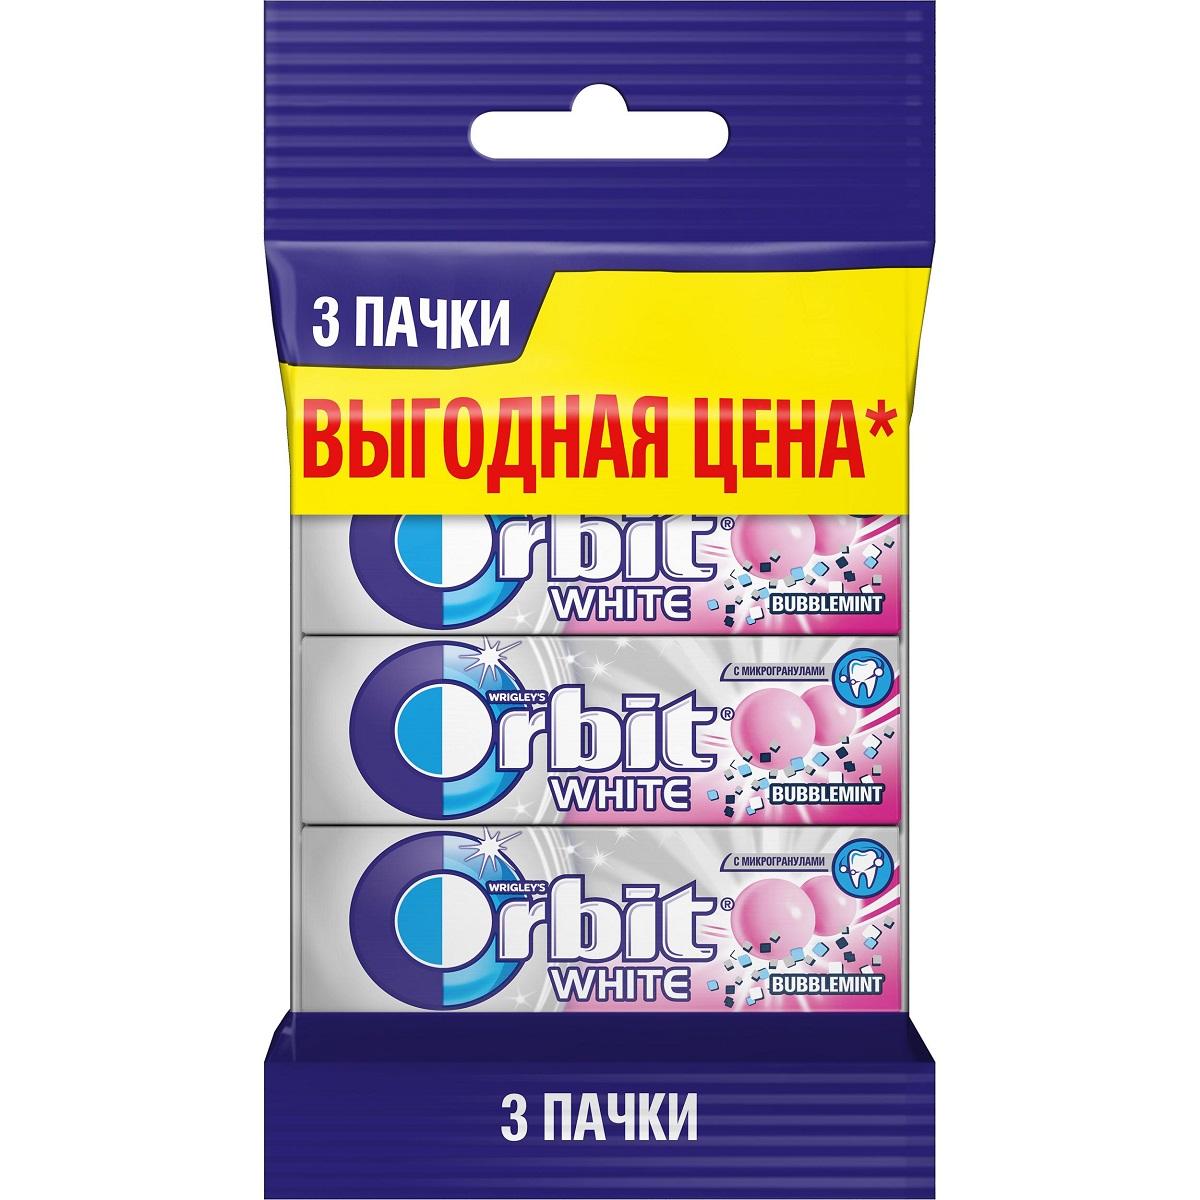 Orbit Bubblemint жевательная резинка без сахара, 3 пачки по 13,6 г8253366Жевательная резинка Orbit Белоснежный Bubblemint без сахара способствует поддержанию здоровья зубов: удаляет остатки пищи, способствует уменьшению зубного налета, нейтрализует вредные кислоты, усиливает процесс реминерализации эмали. *Употребление жевательной резинки каждый раз после еды способствует поддержанию чистоты и здоровья зубов в дополнение к уходу за ротовой полостью с помощью зубной щетки.